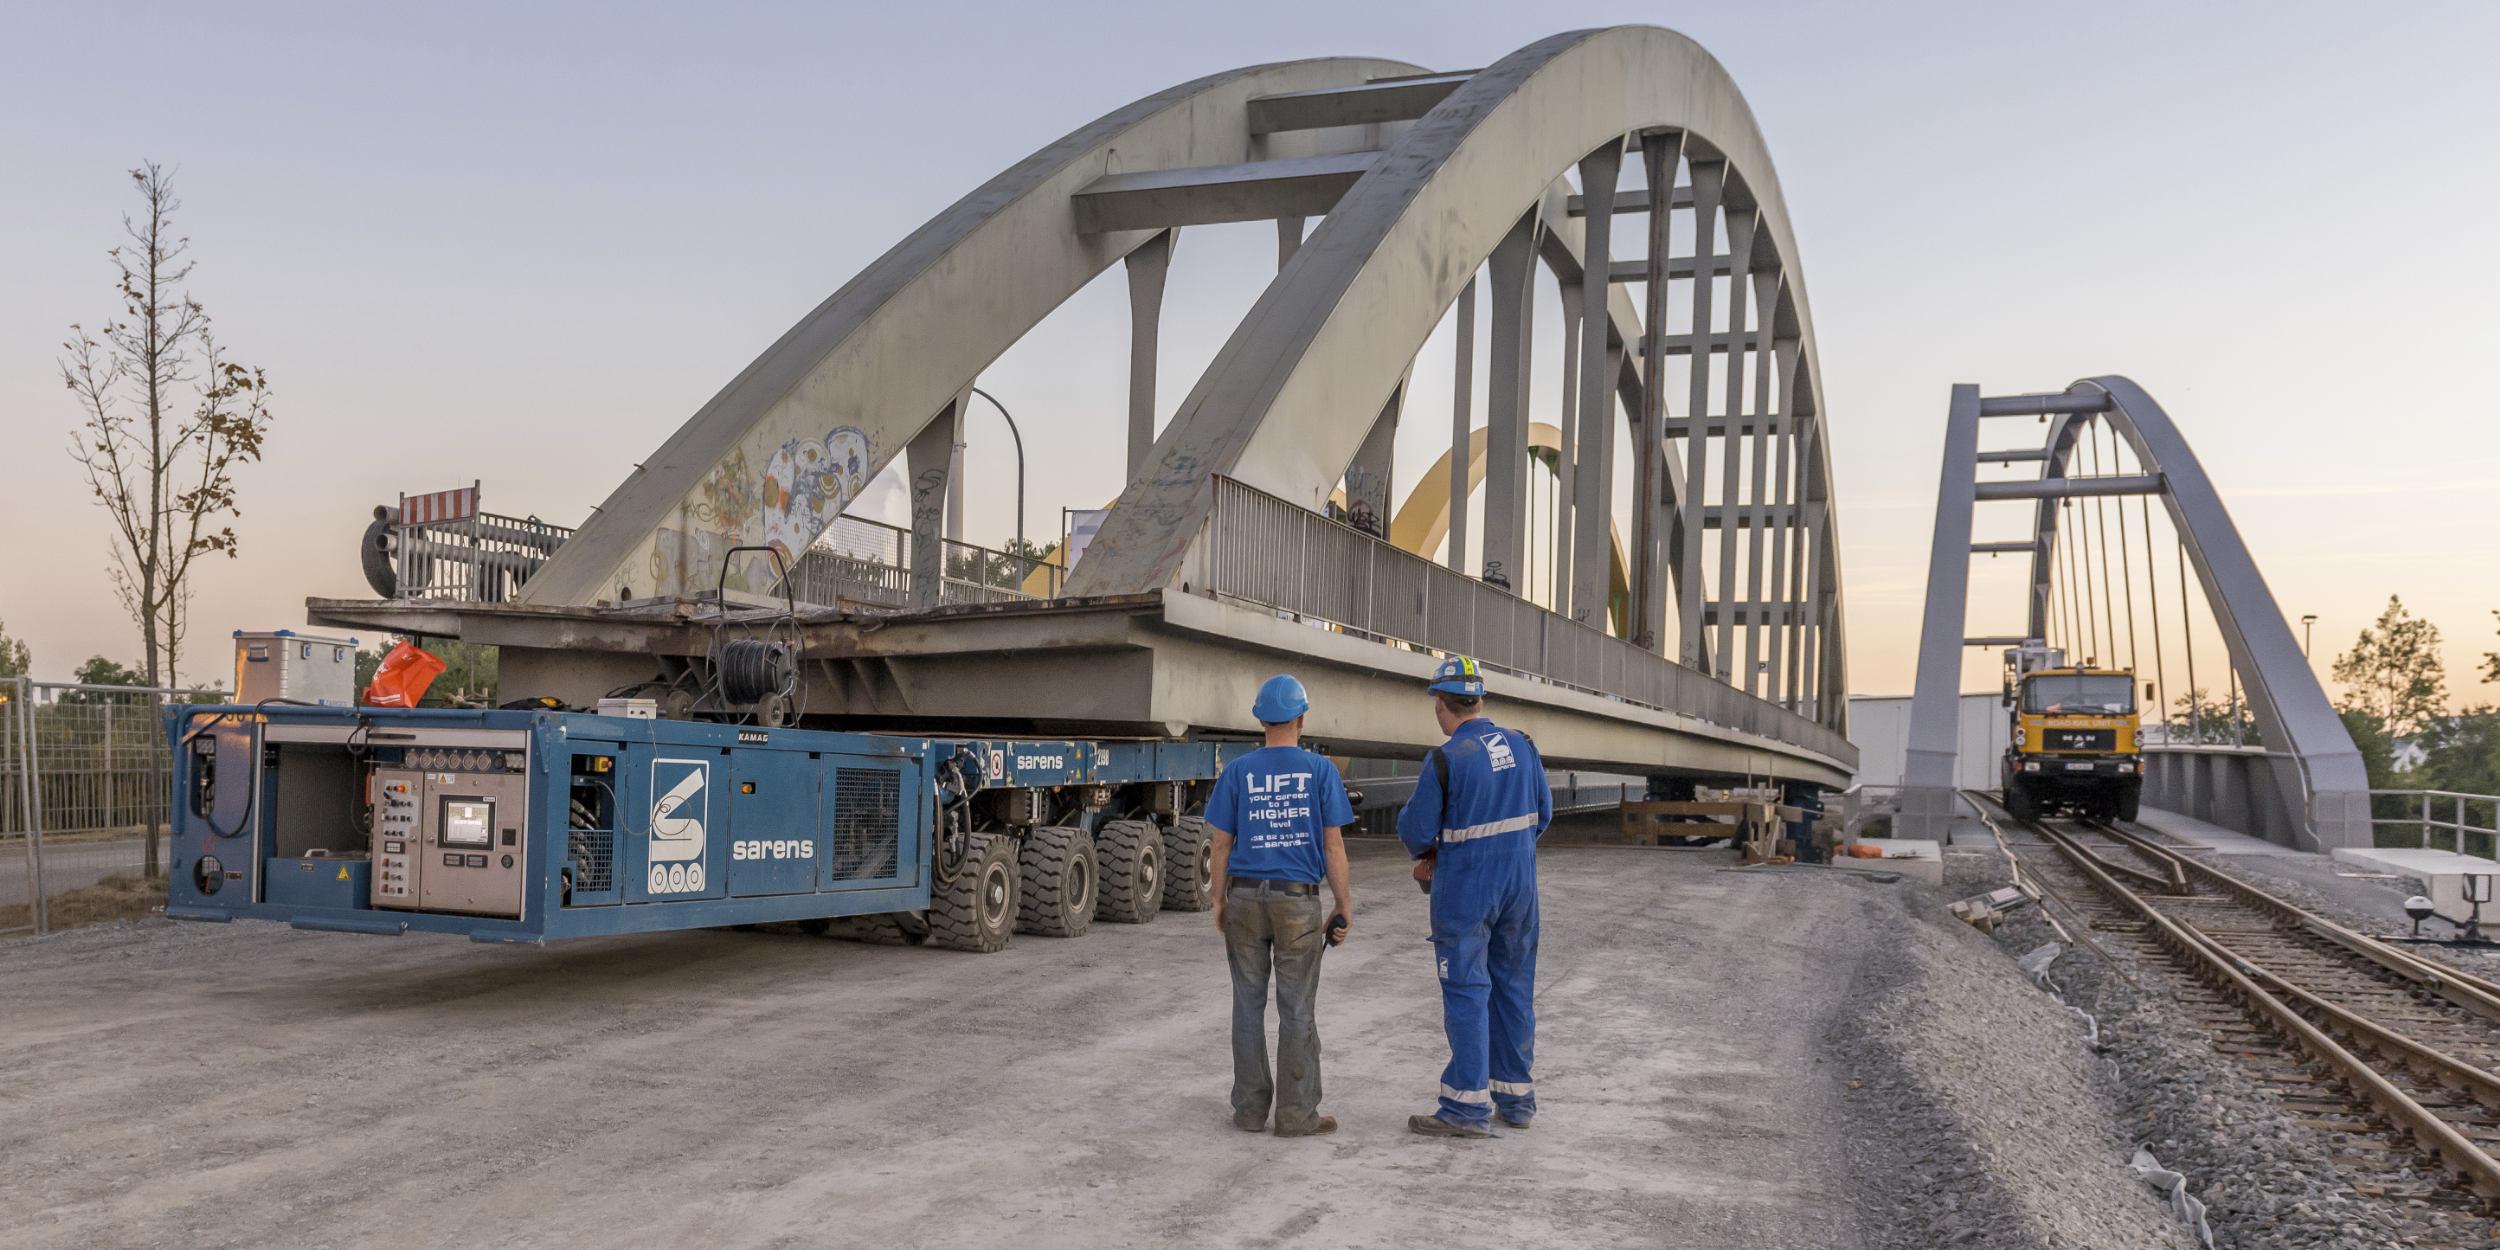 Industriefotografie Stuttgart und Umgebung Wolff & Müller Neckartalbrücke Heilbronn Brücke austauschen ausschwimmen Reparaturarbeiten Wartungsarbeiten Reportage Baubegleitung